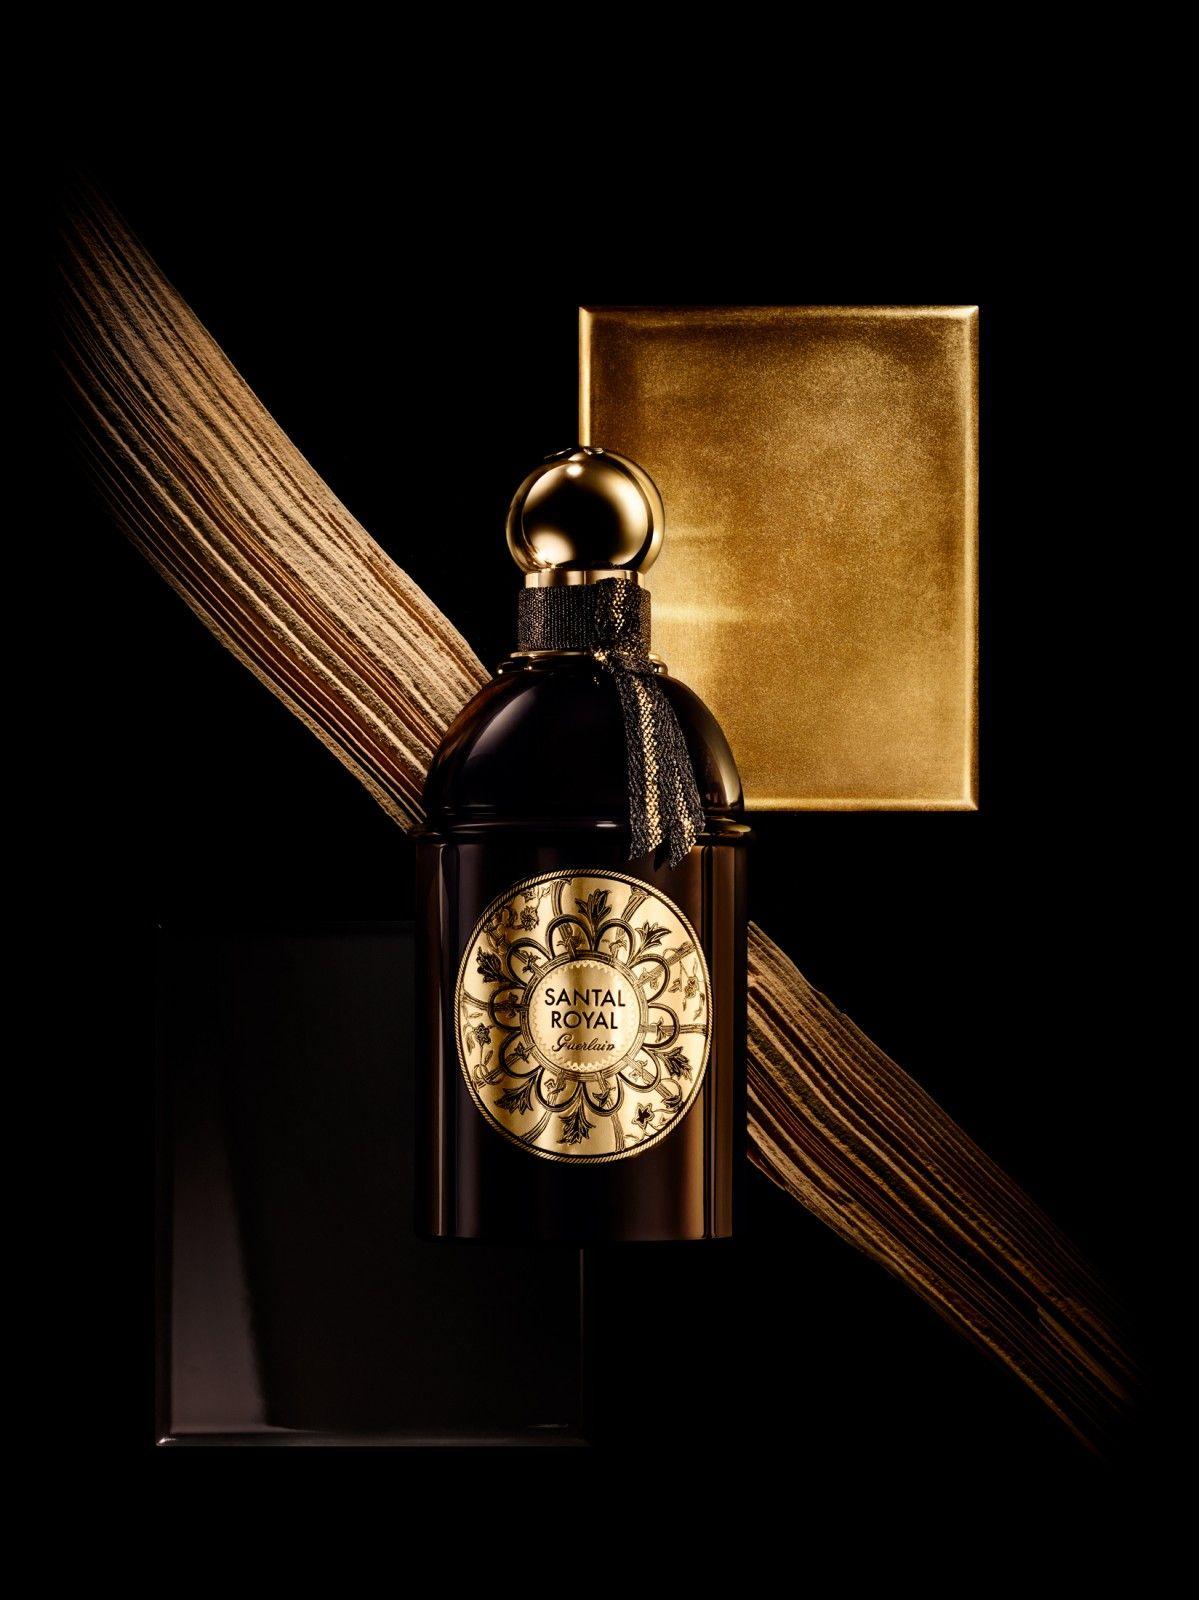 Thomas Legrand Parfum, Eau de parfum, Santal